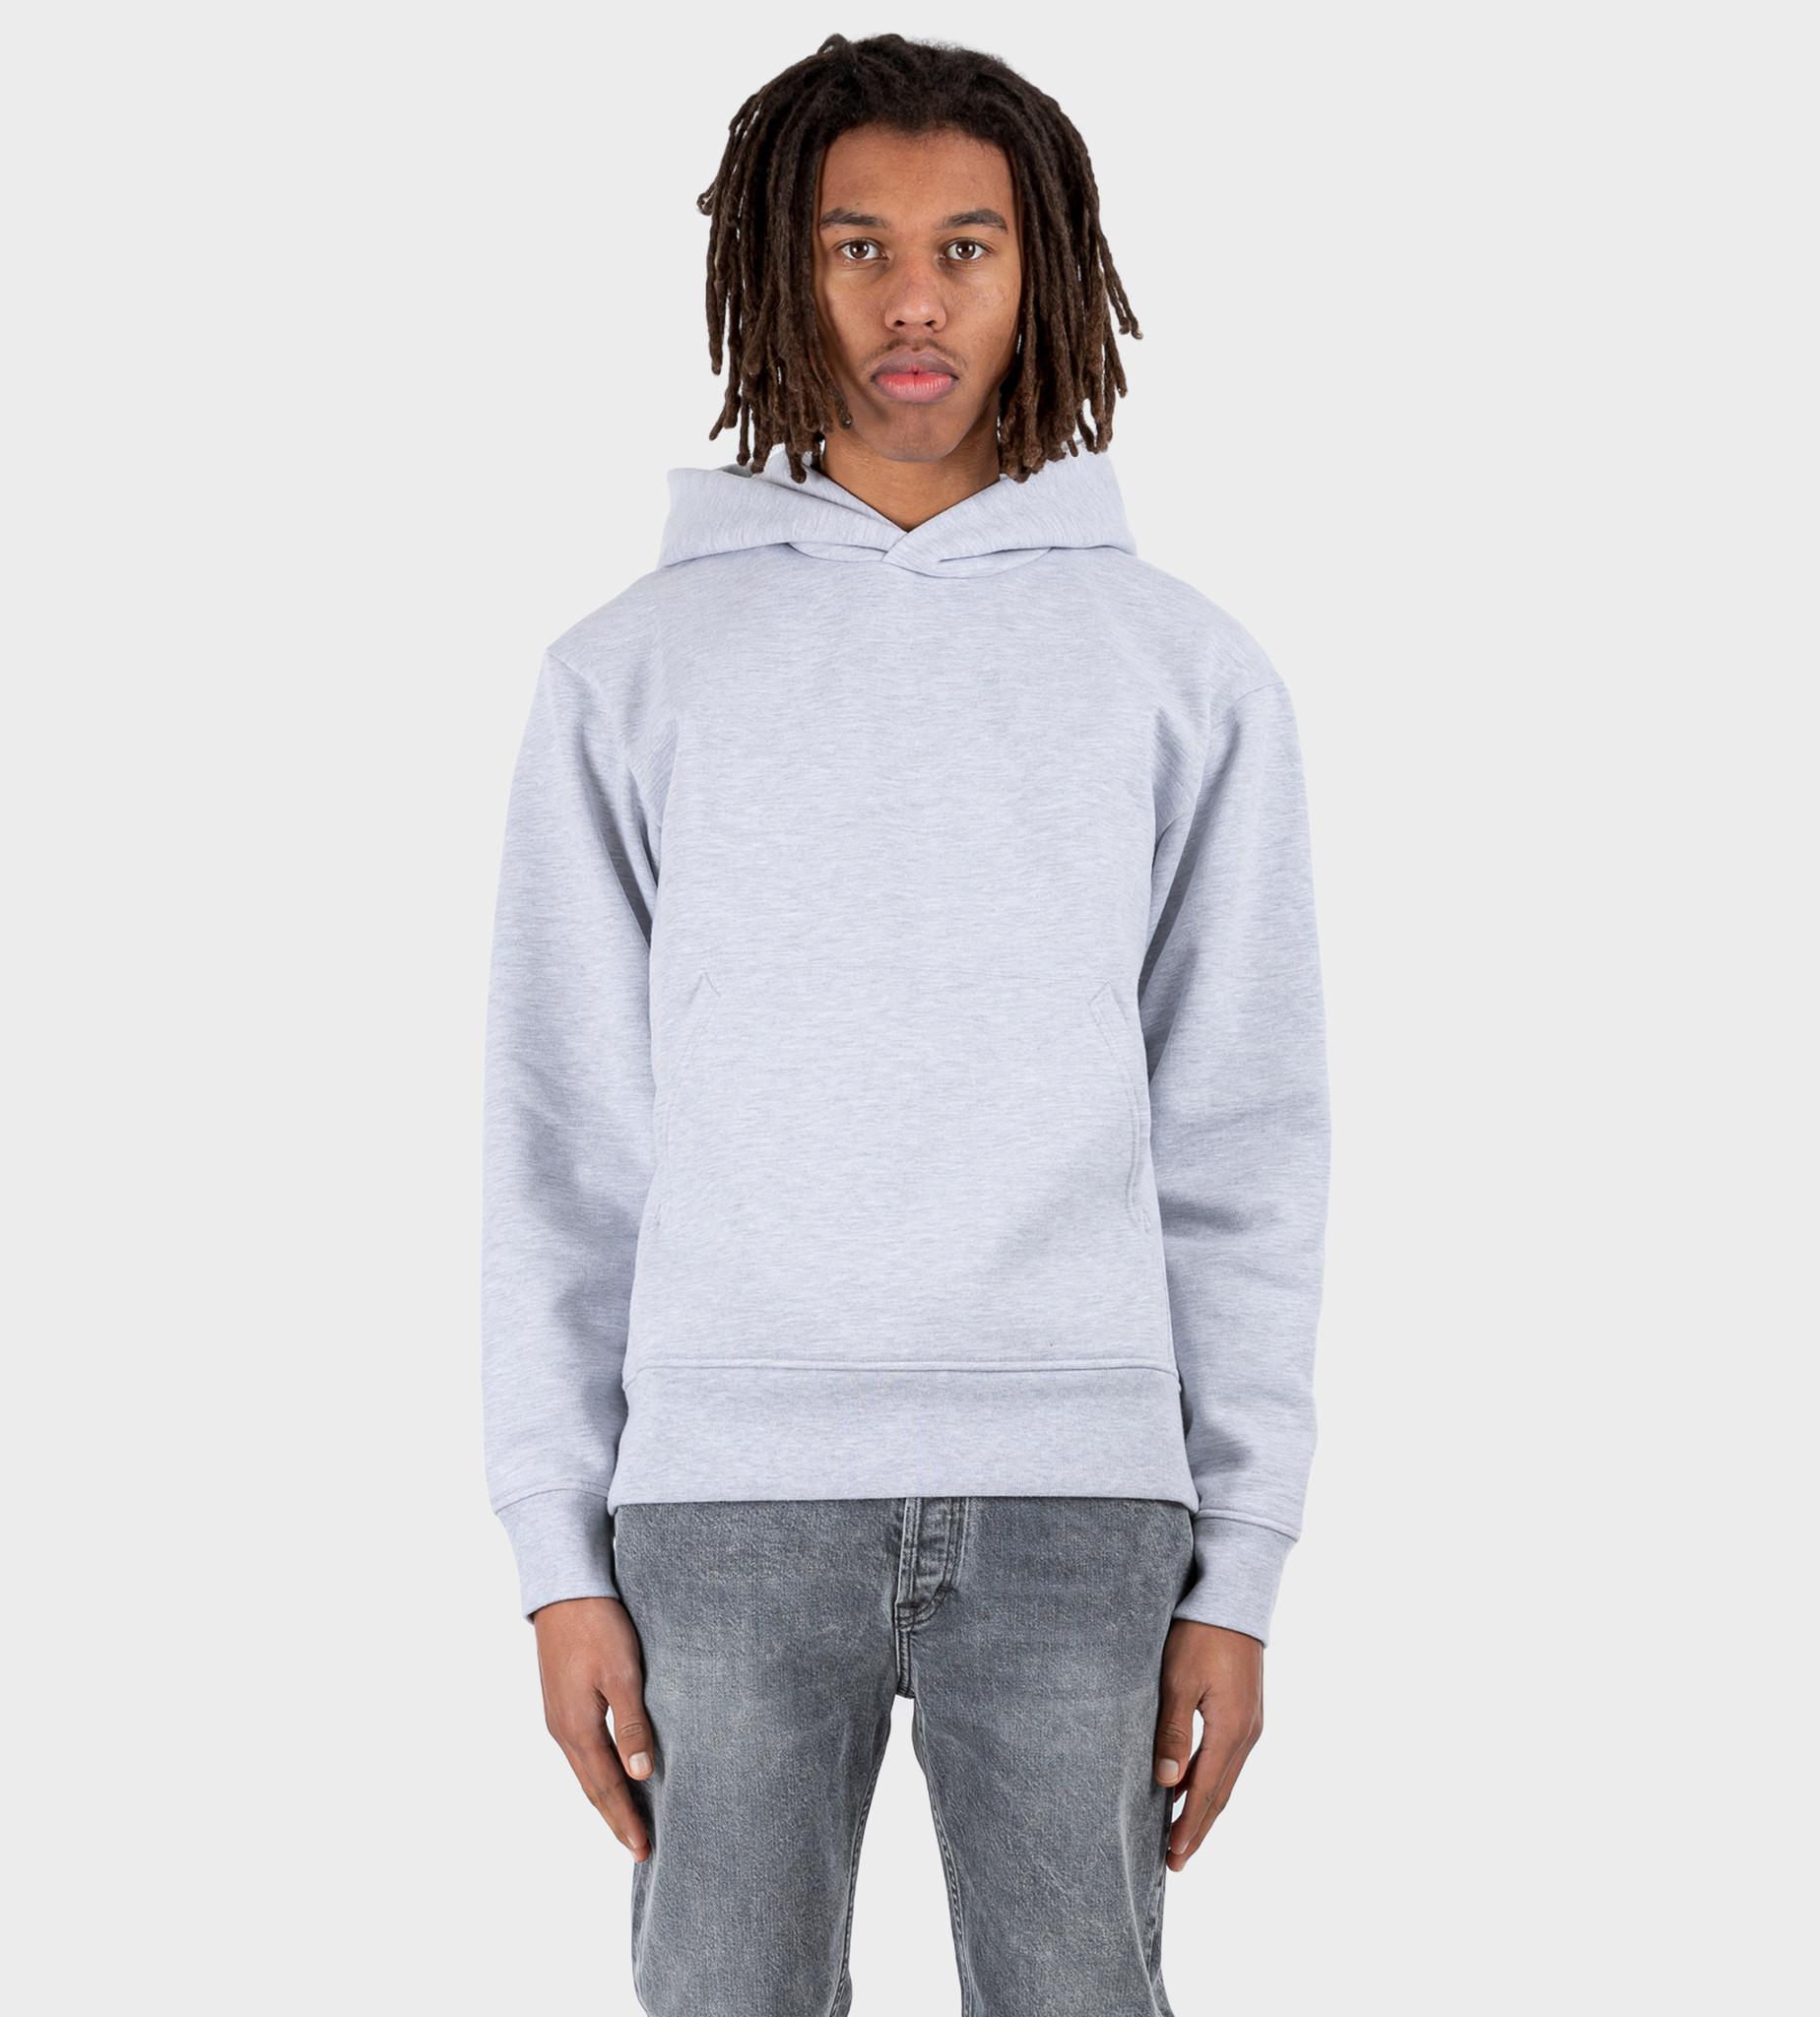 ACNE STUDIOS Hooded Sweatshirt Pale Grey Melange